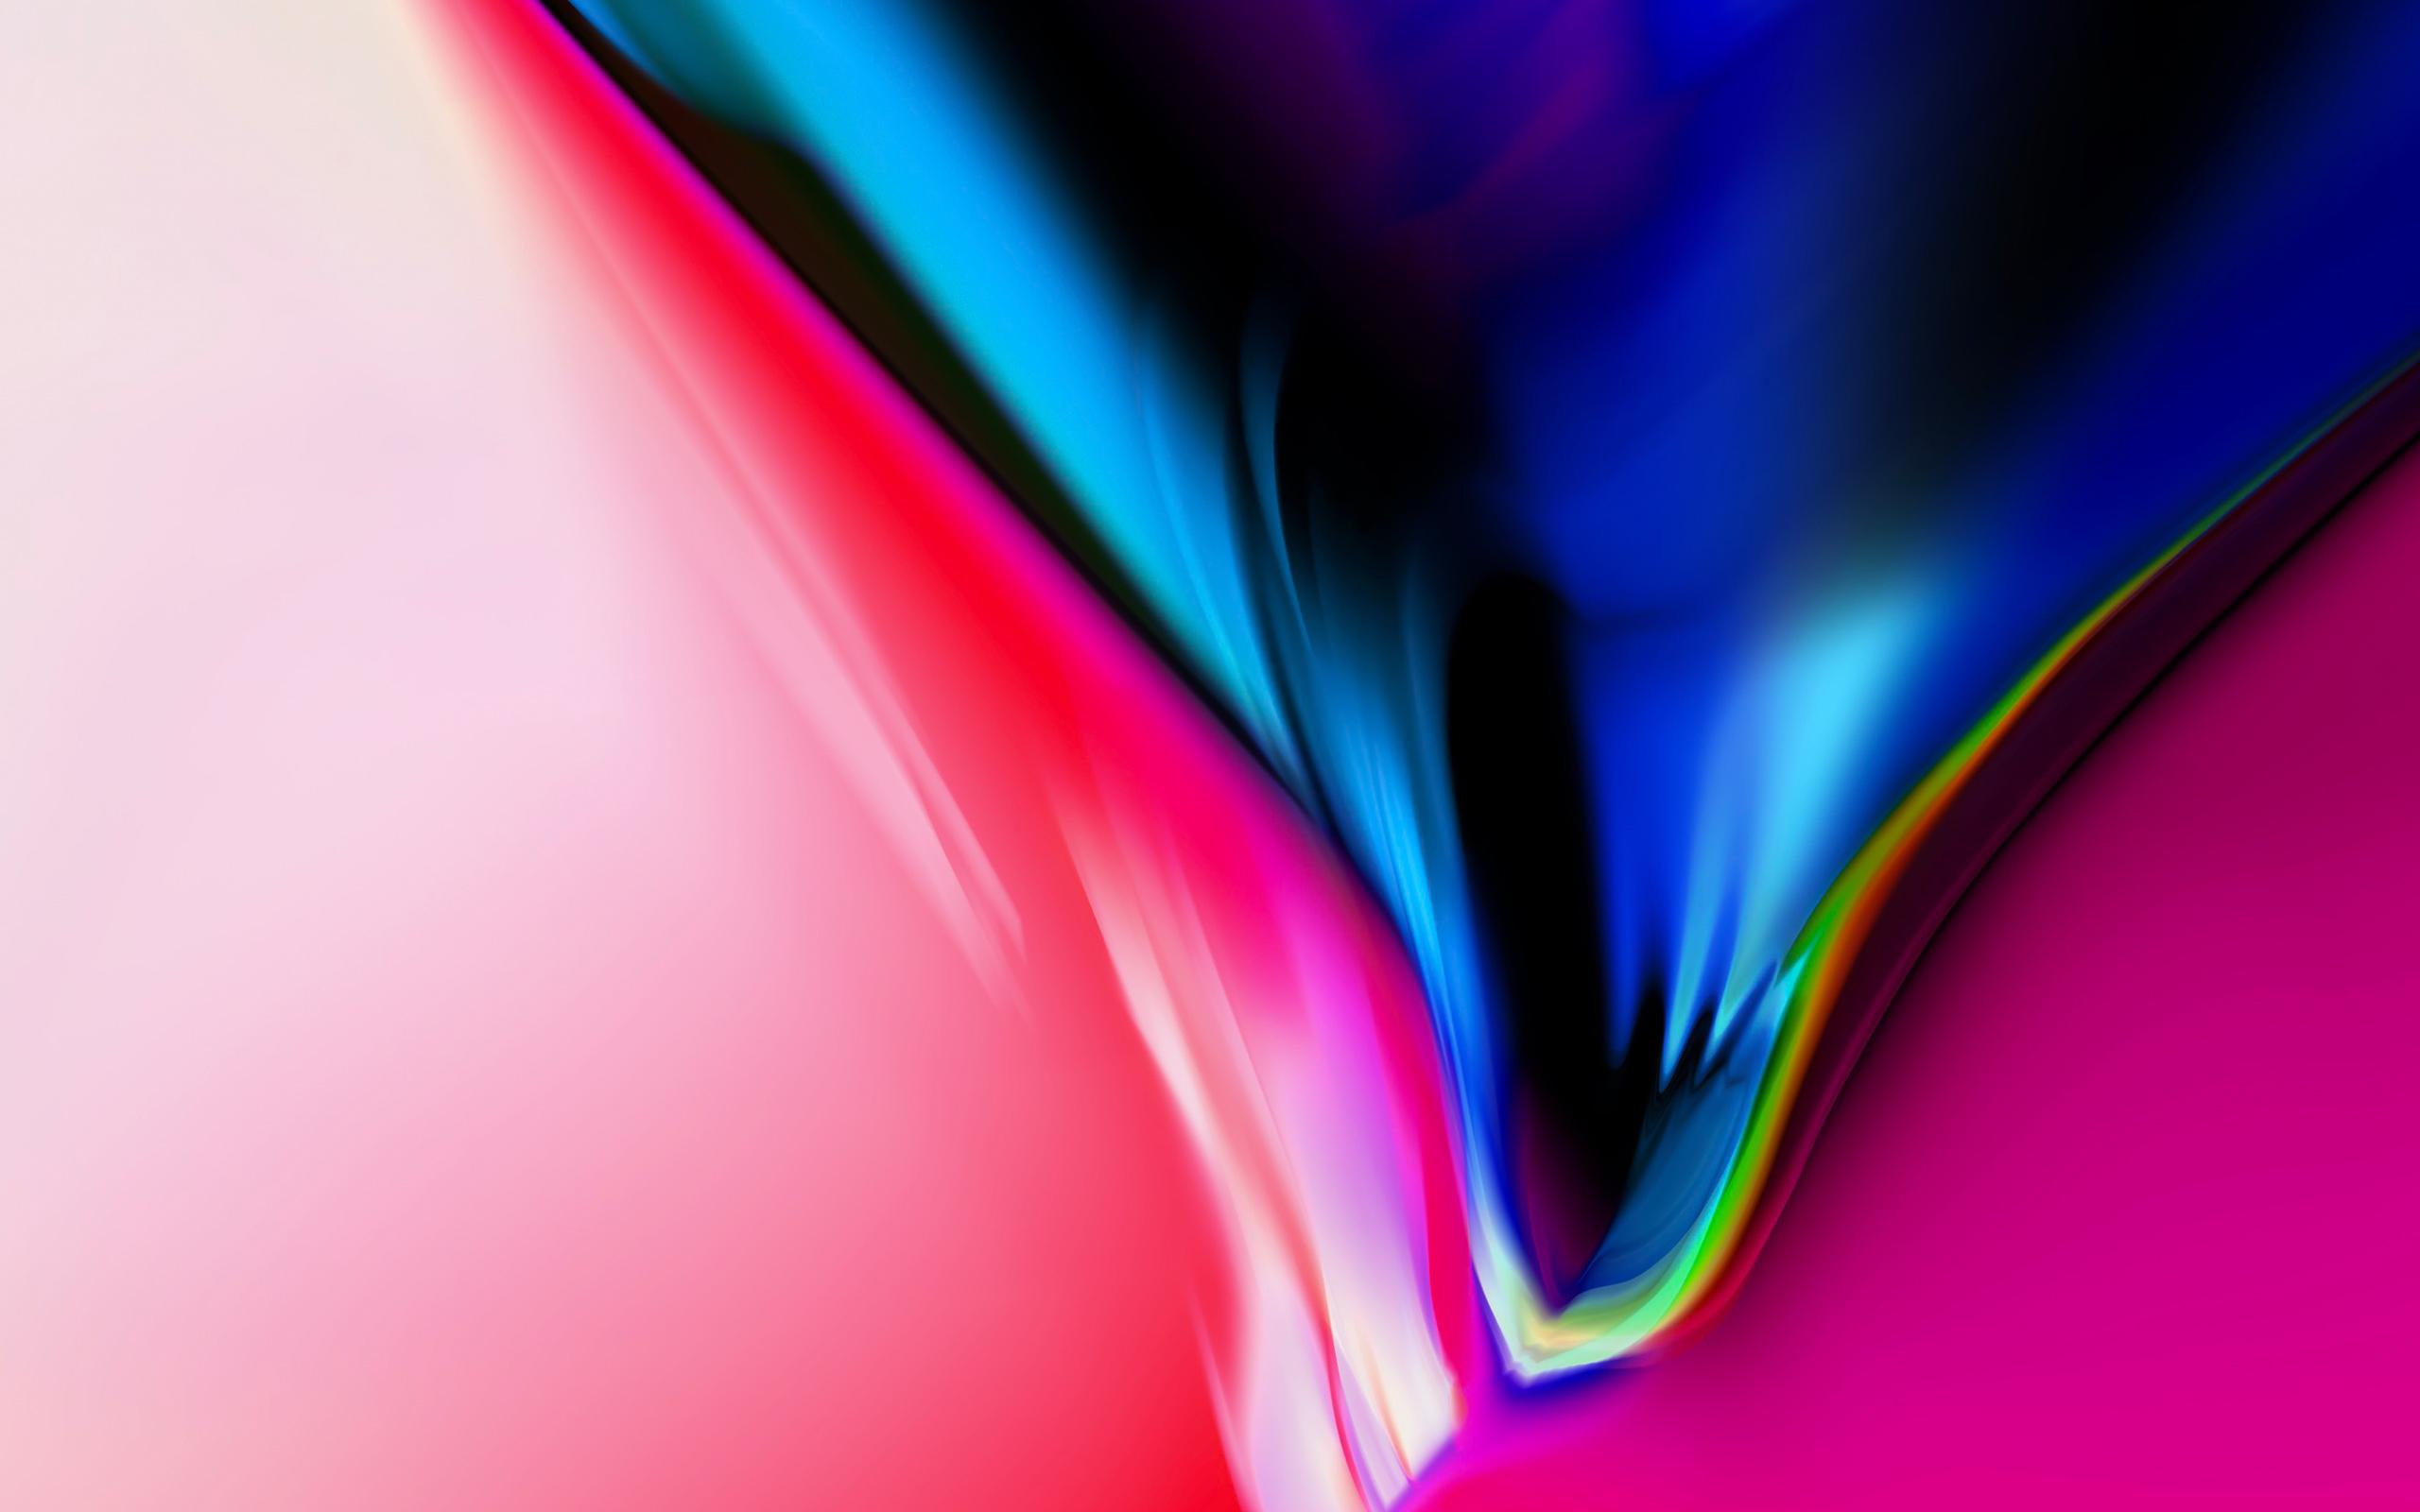 Aura черный гранит IOS 11 iPhone х складе обои скачать